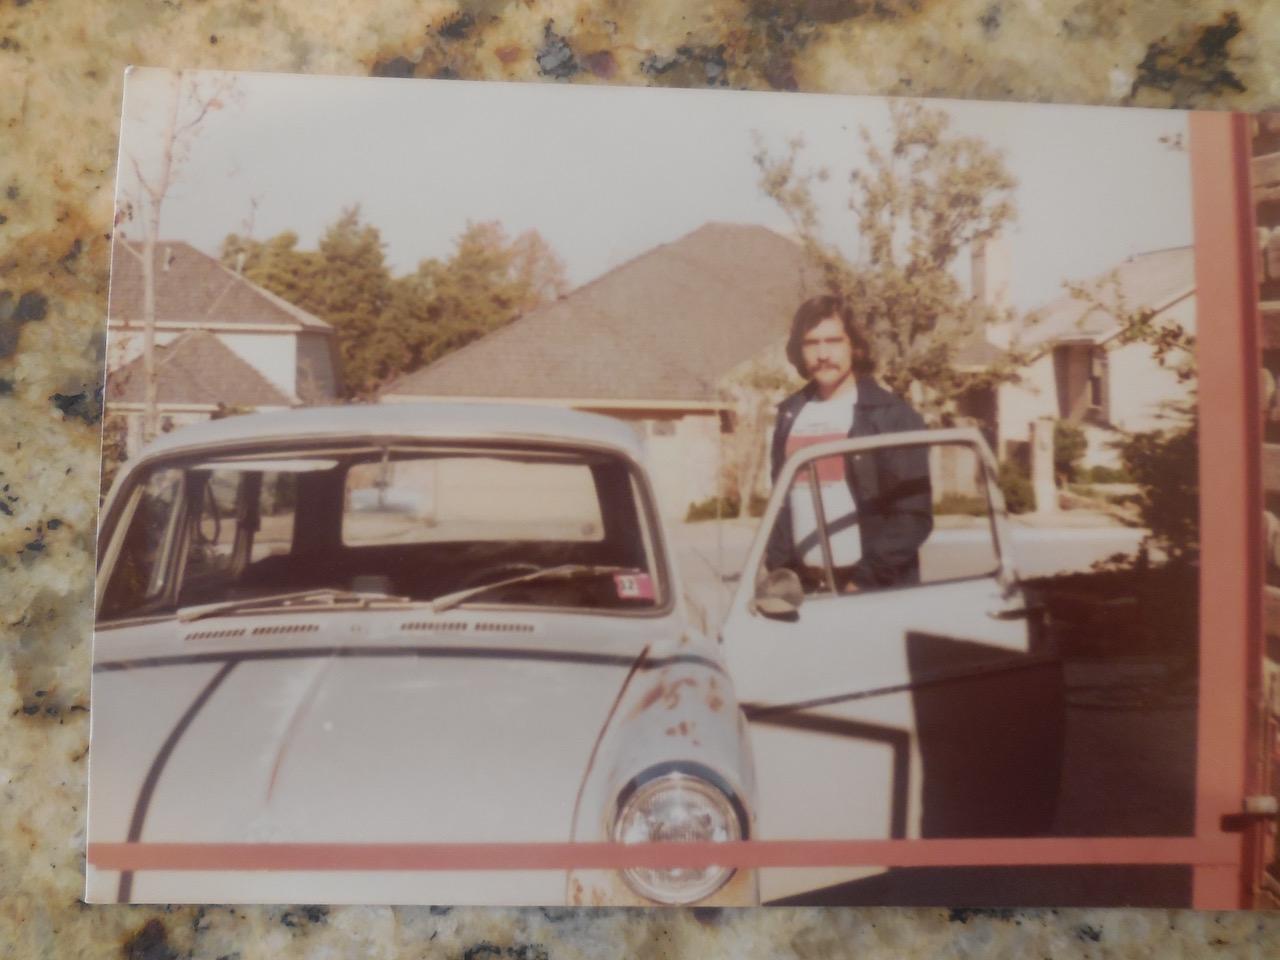 Tom Wood Volkswagen >> My Volkswagen